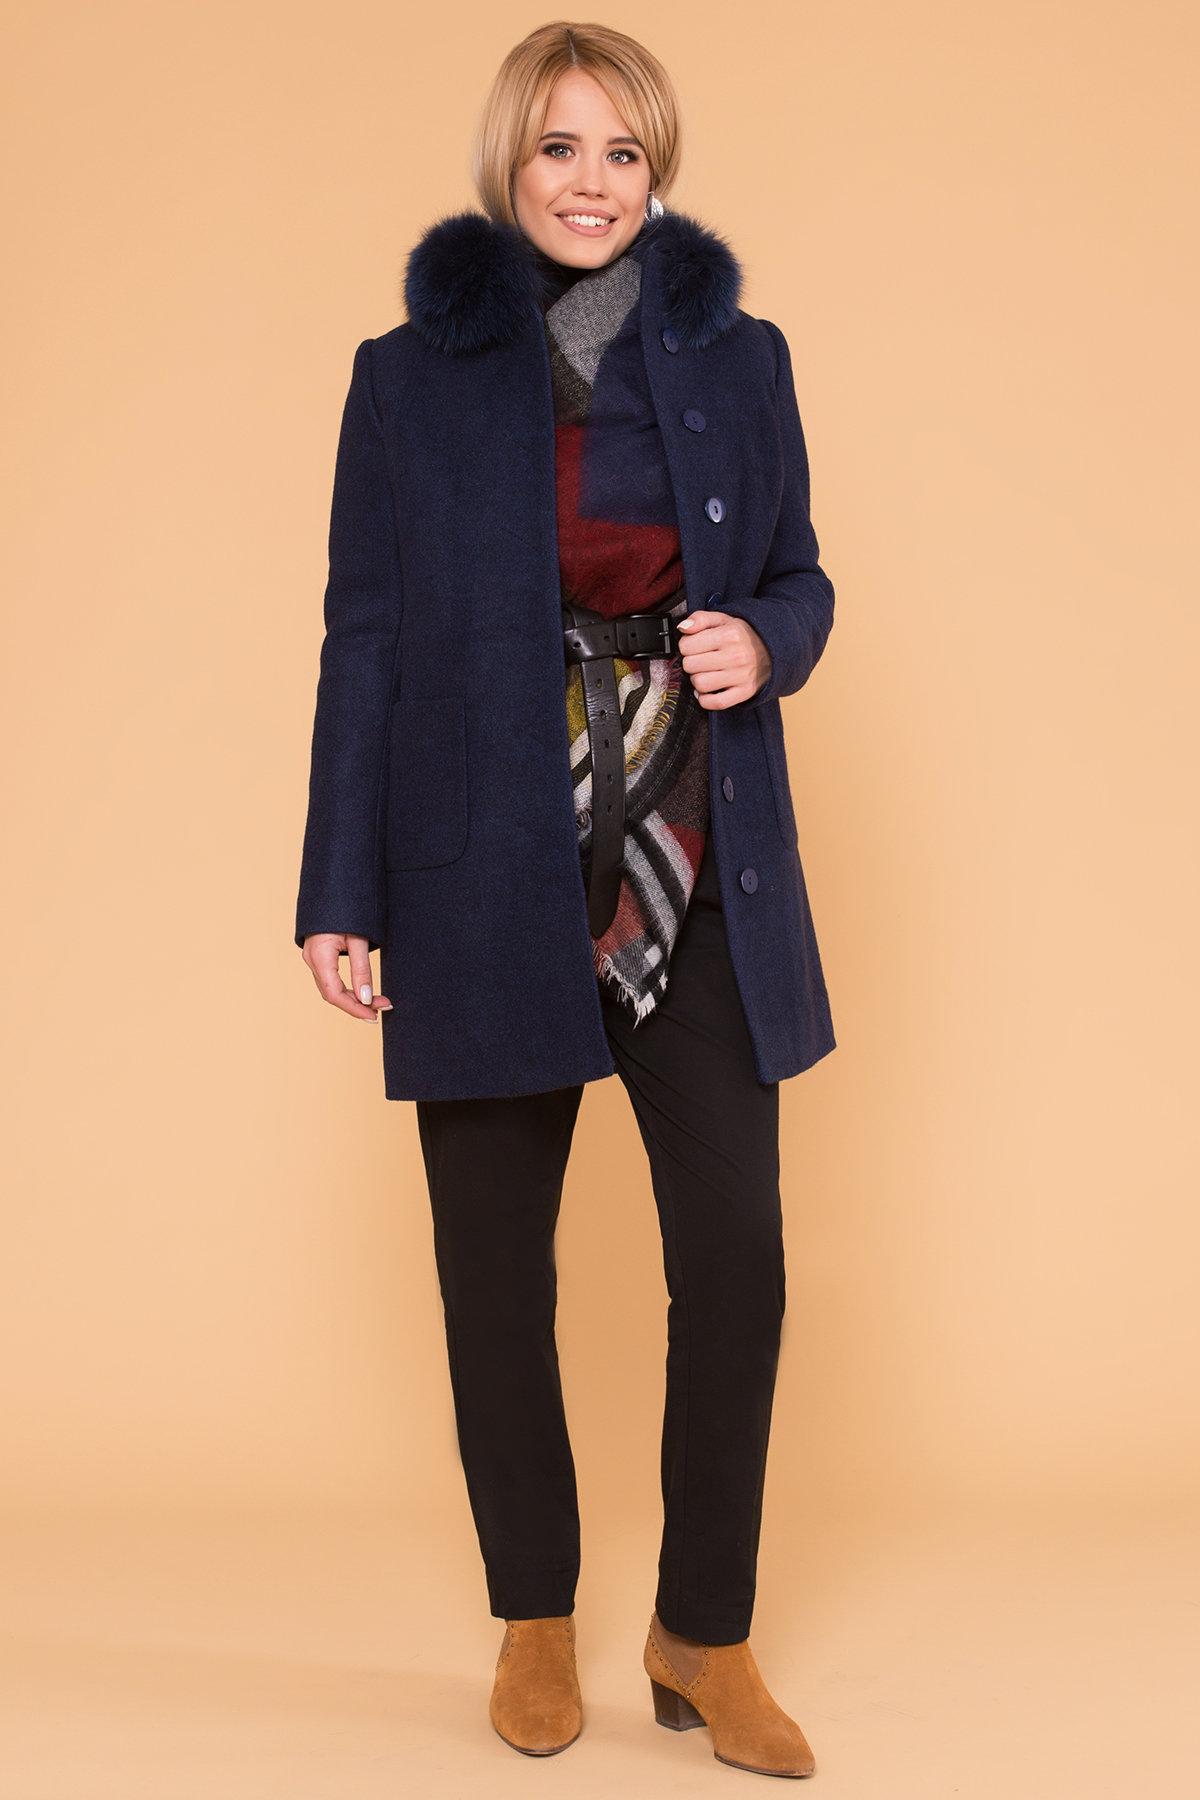 Пальто зима Мелини 5967 АРТ. 40569 Цвет: Т.синий 17 - фото 3, интернет магазин tm-modus.ru